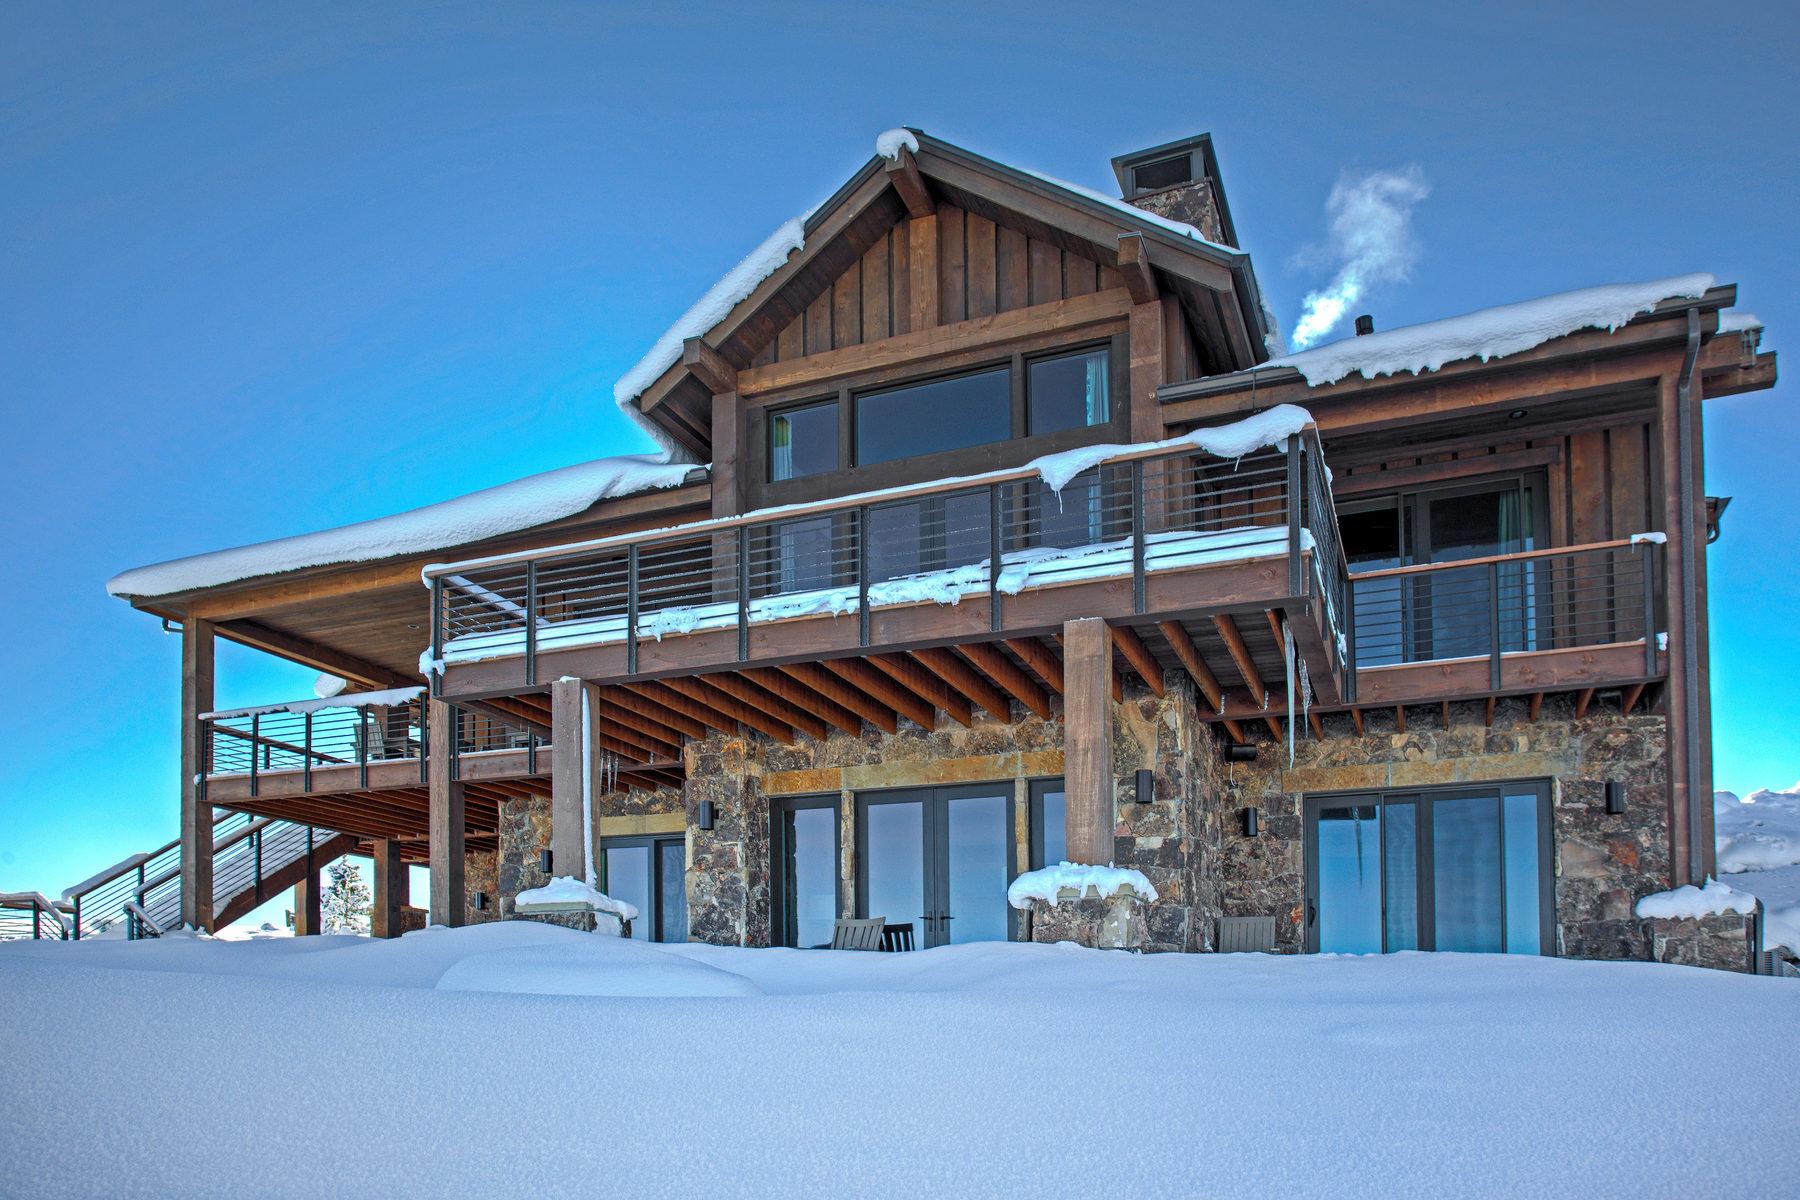 一戸建て のために 売買 アット Juniper Cabin with Spectacular Views 7012 E Rising Star Ct Cabin #285 Heber City, ユタ, 84032 アメリカ合衆国